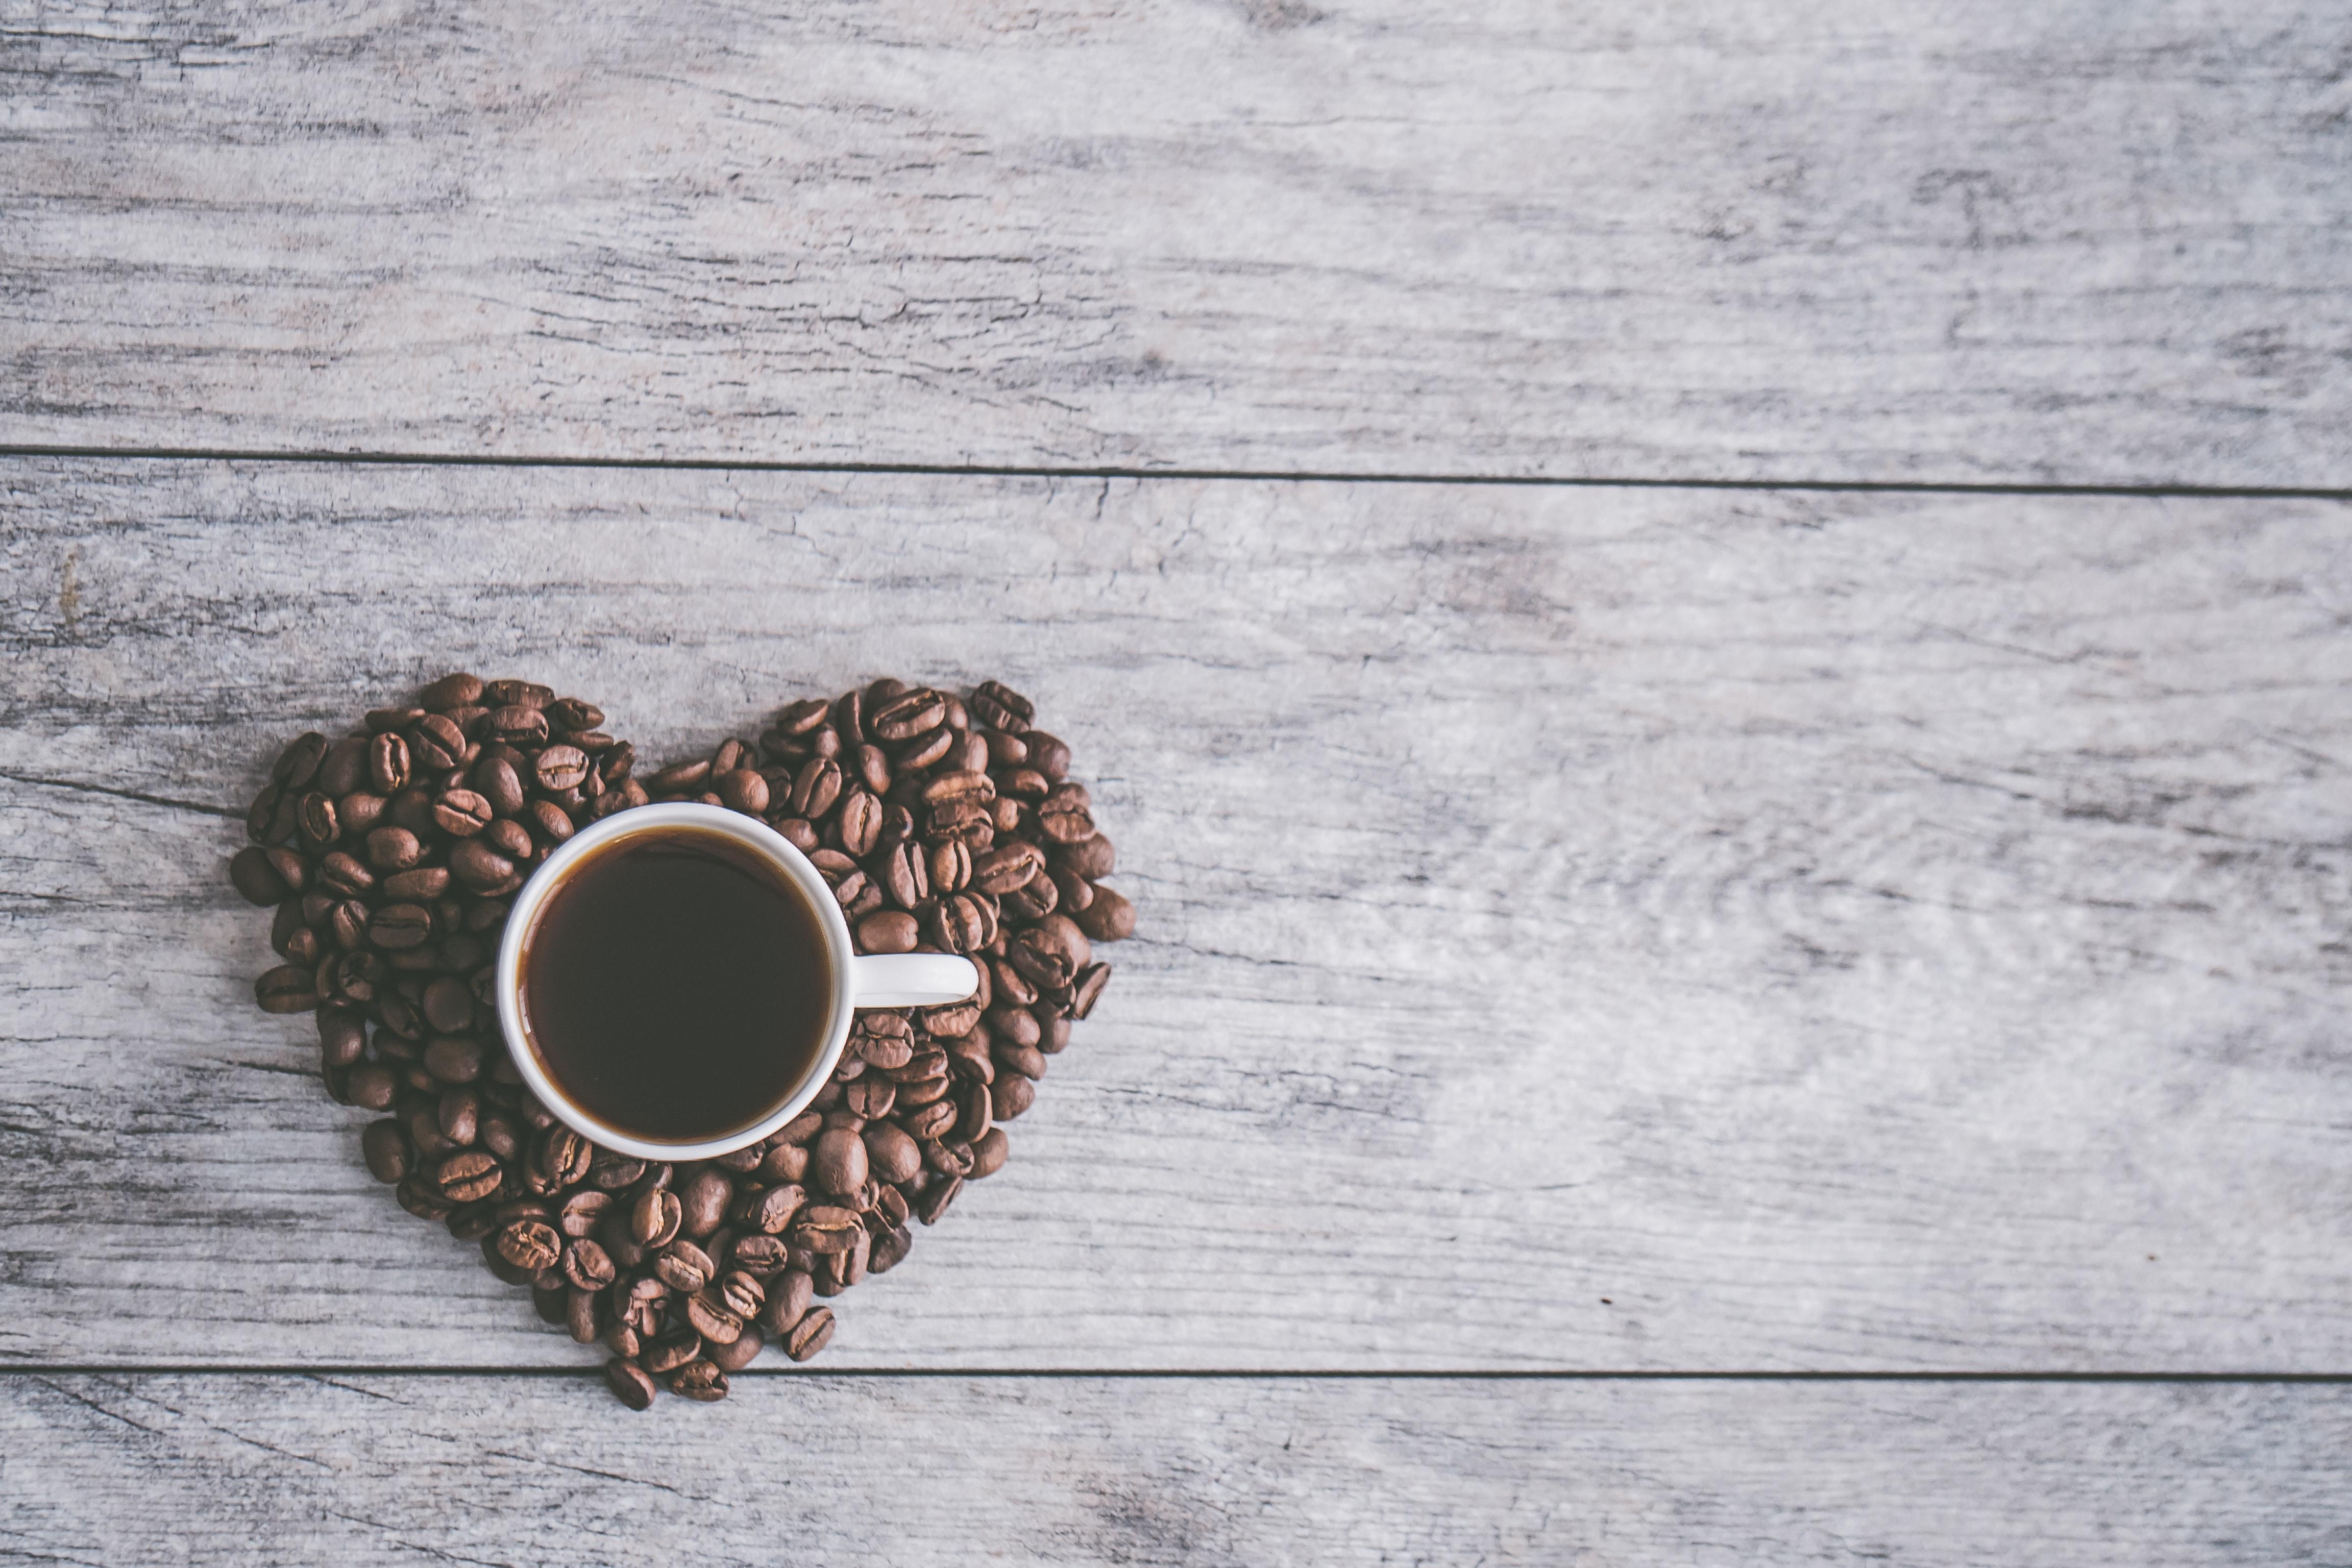 Кафе<br /> <br /> Чаят не е единствената сутрешна напитка, която може да навреди на перлените ви зъби. Самото кафе има много ползи за здравето, като факта, че е богато на антиоксиданти, витамини и минерали, но също така то е силно кисело и заедно с добавянето на захар към напитката, както правят много хора, може да доведе до оцветяване. Важно е да пиете вода заедно с чашата си кафе, за да минимизирате щетите.